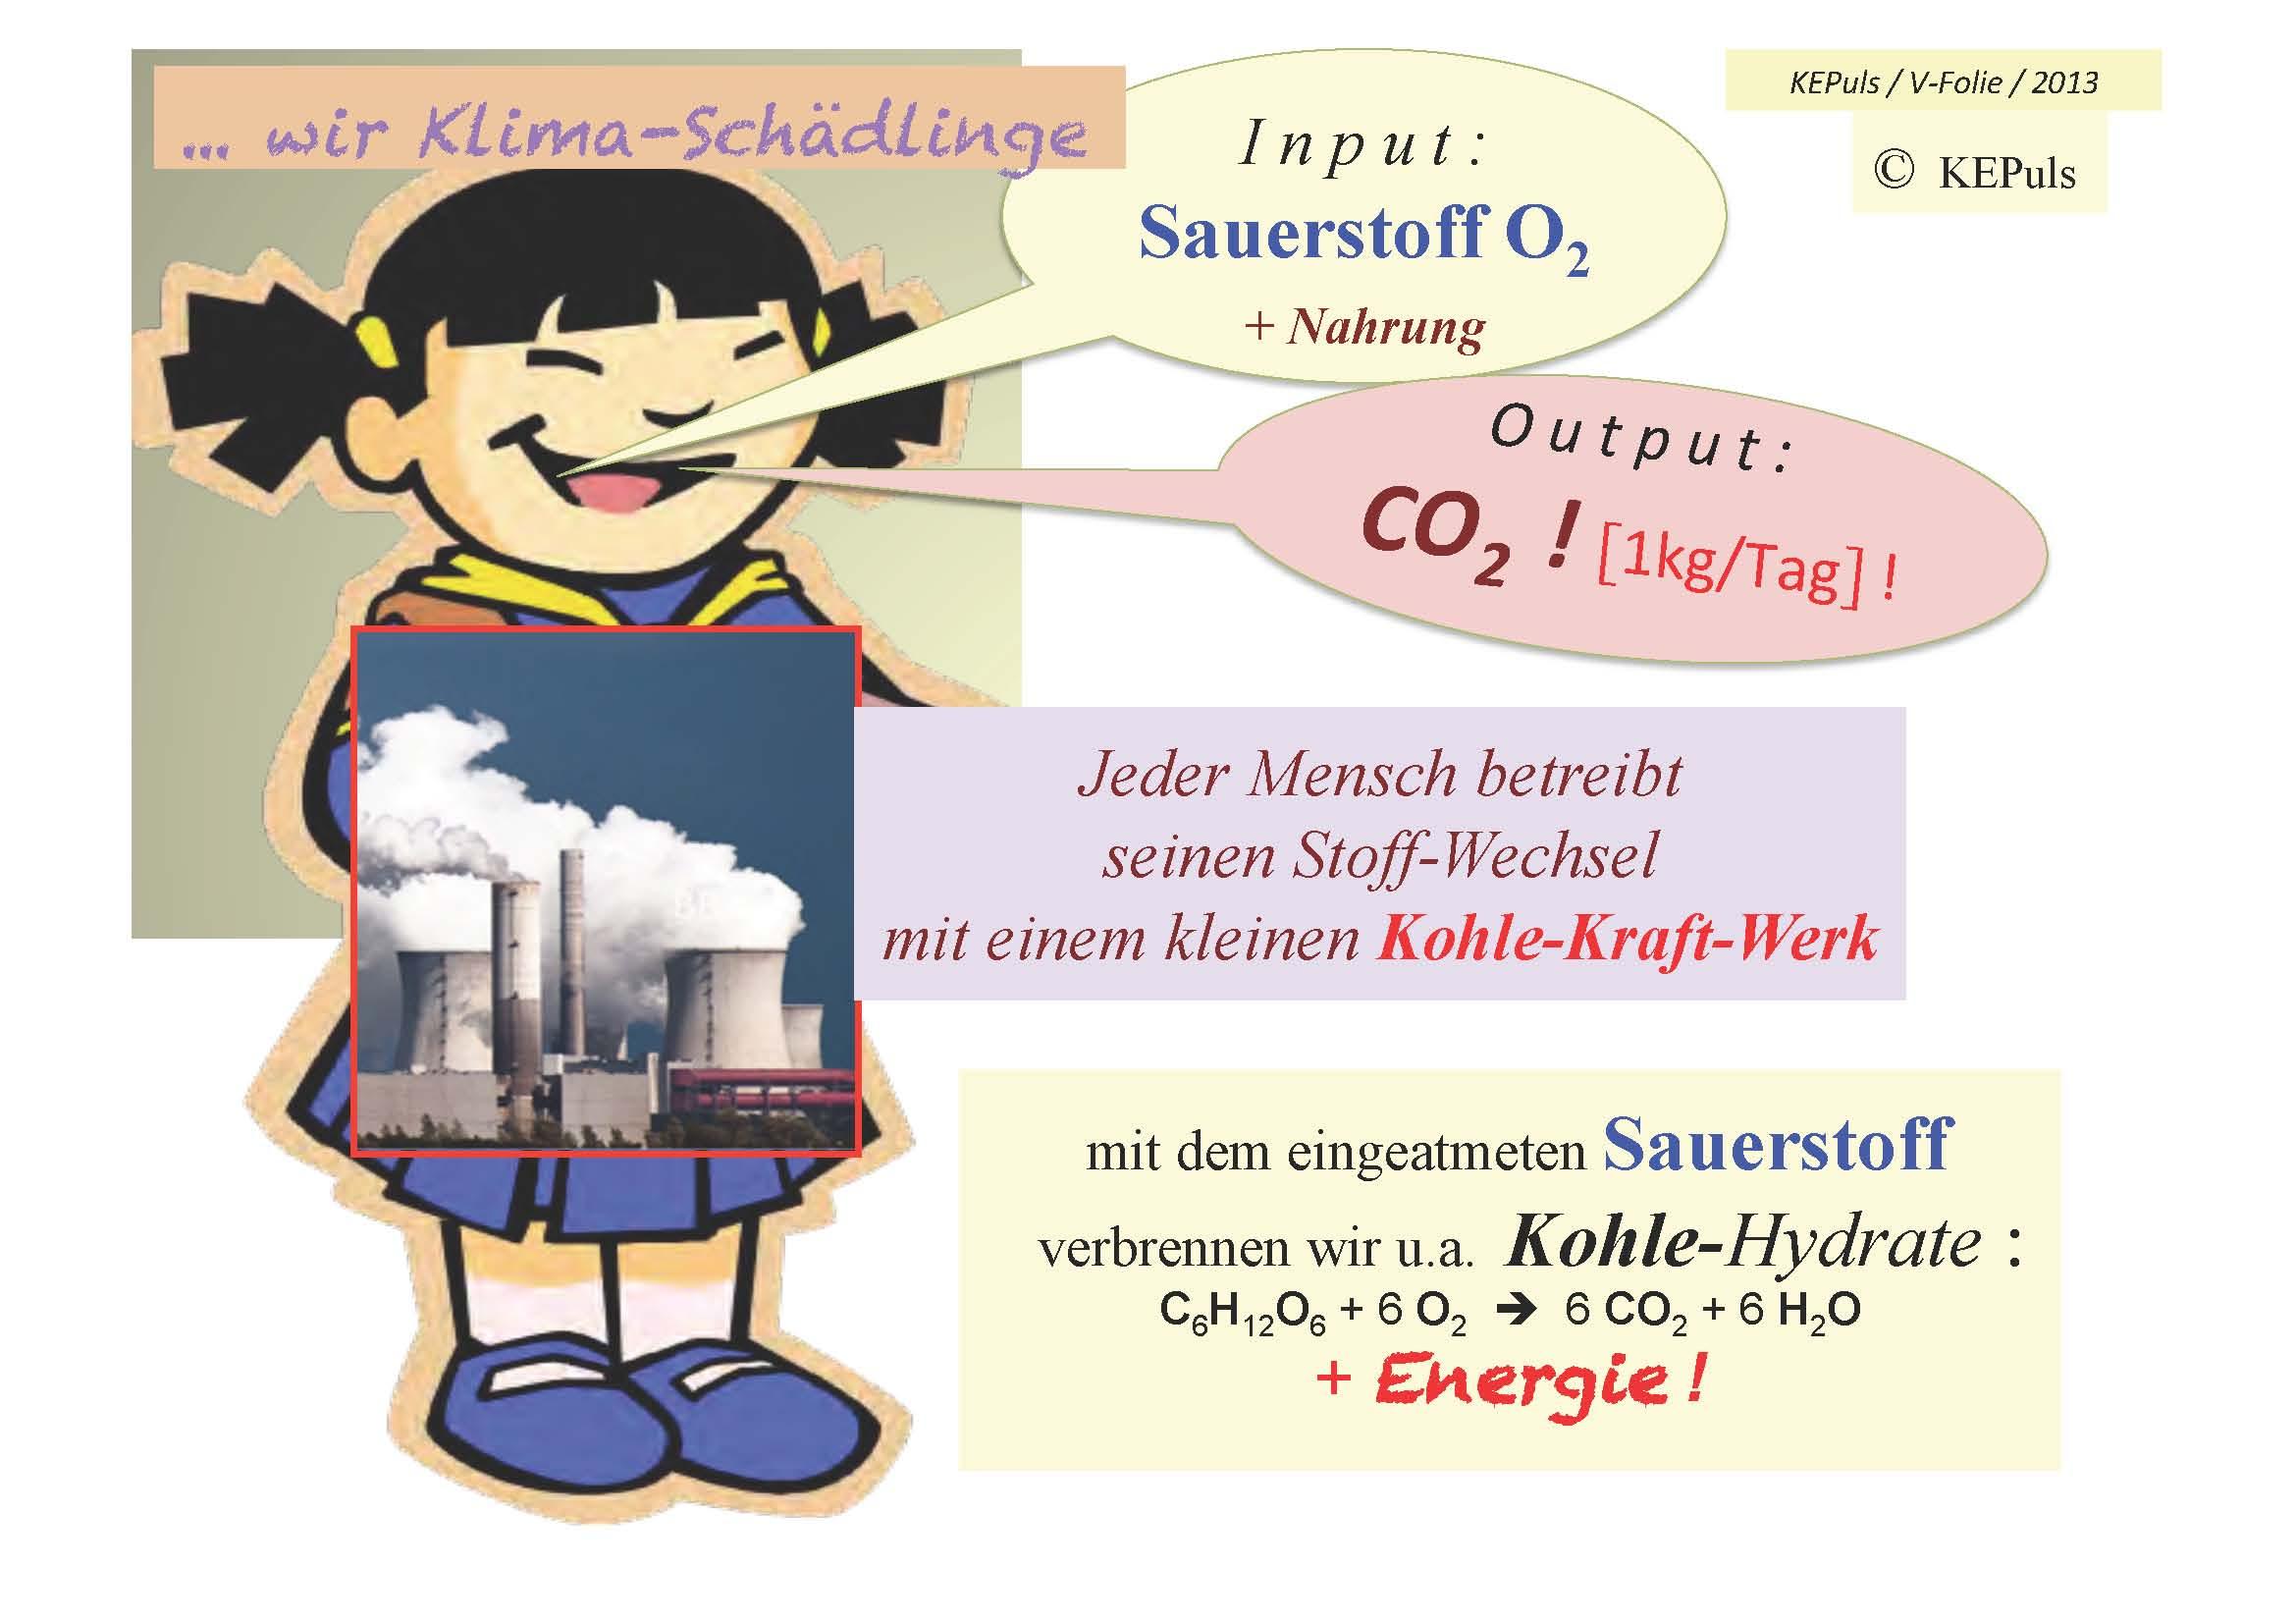 http://www.eike-klima-energie.eu/http://www.eike-klima-energie.eu/wp-content/uploads/2016/07/Atmung.jpg